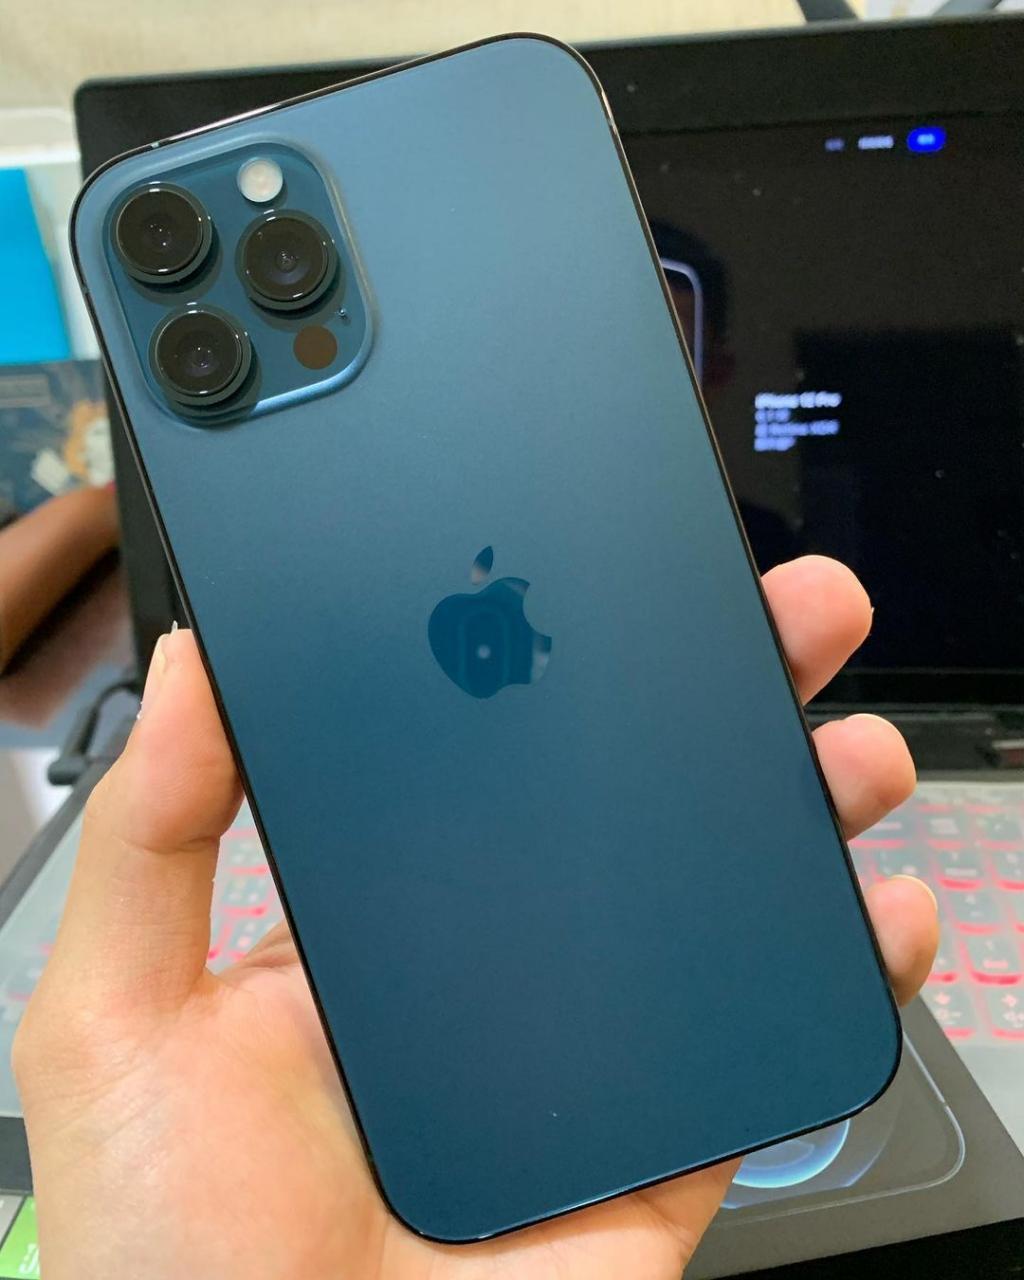 Wts Apple Iphone 12 Pro Max 512gb W/A:+14076302850